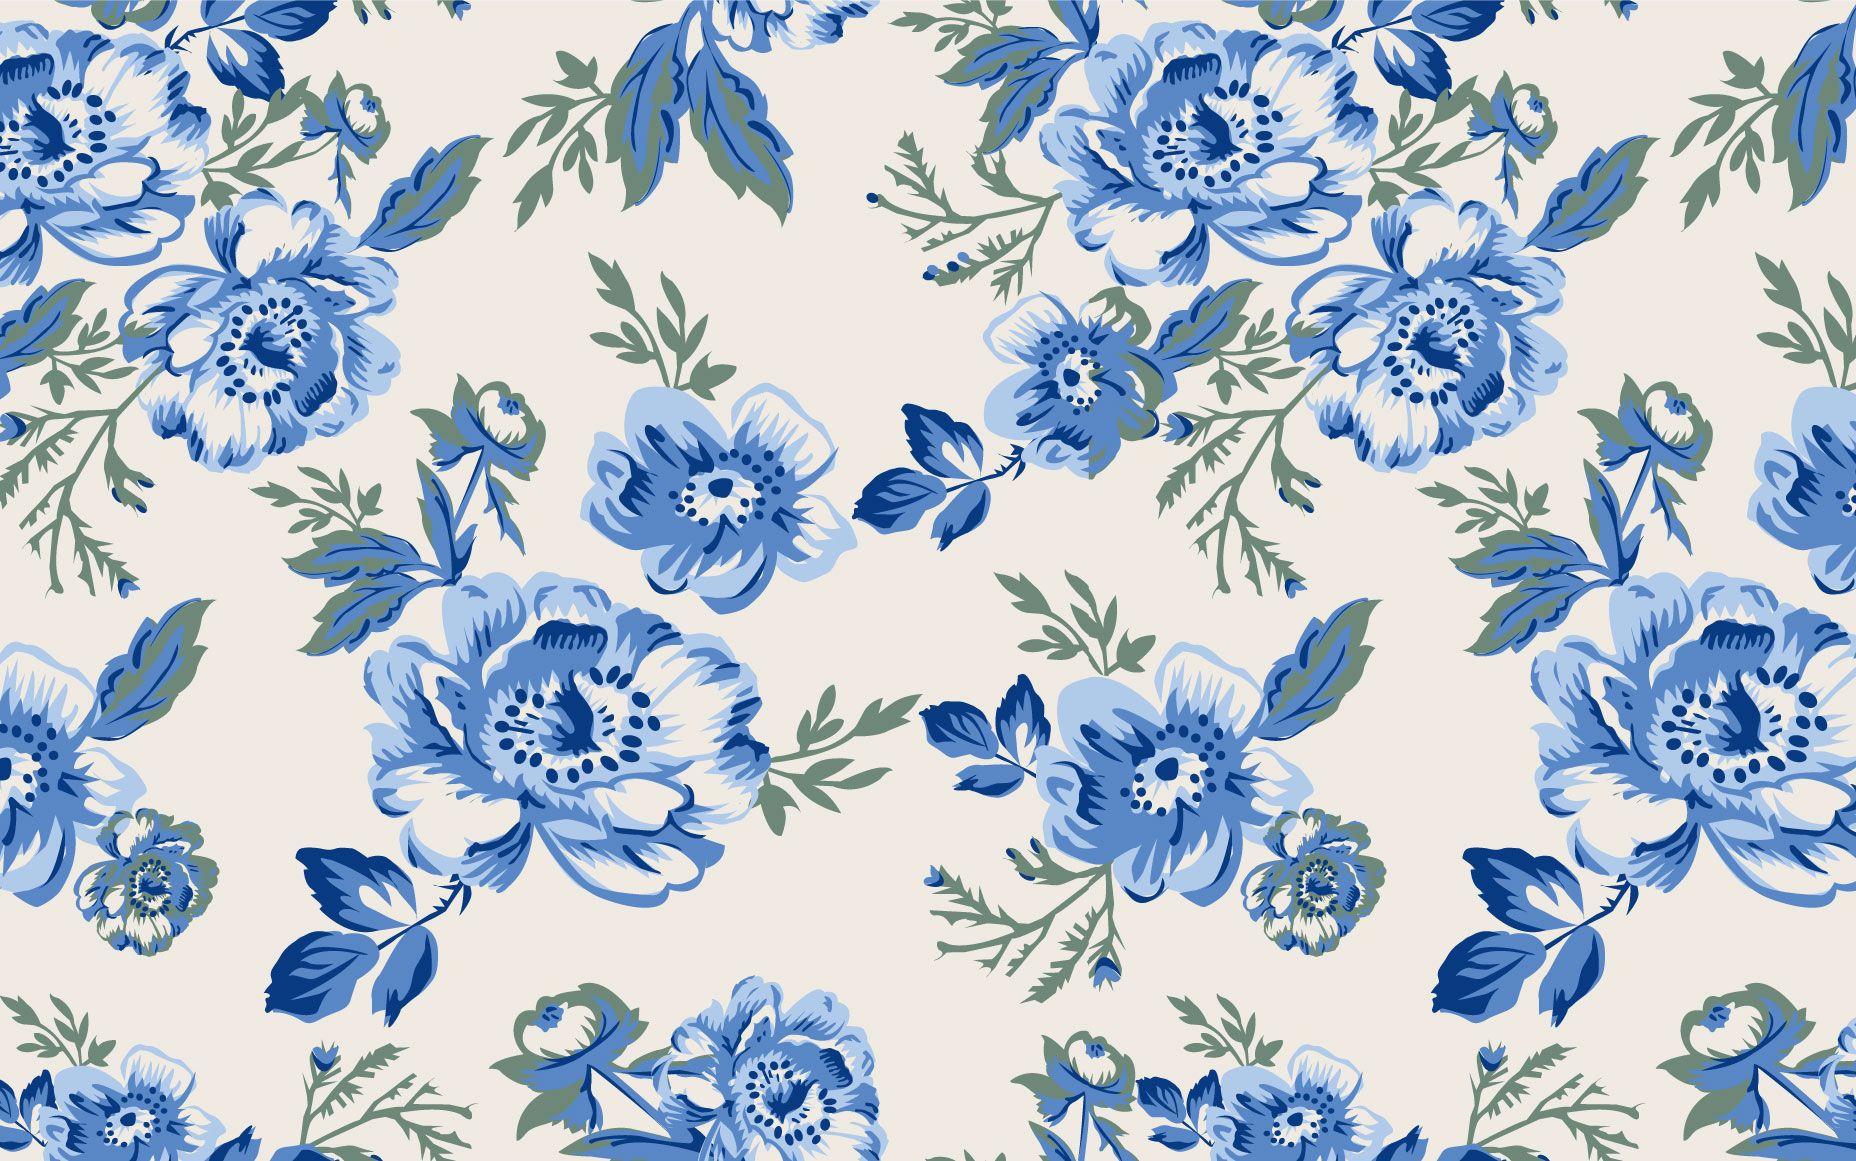 Vintage Blue Fl Wallpaper Migrant Resource Network Blue Vintage Floral Background Is Am In 2020 Vintage Flowers Wallpaper Vintage Floral Wallpapers Floral Background